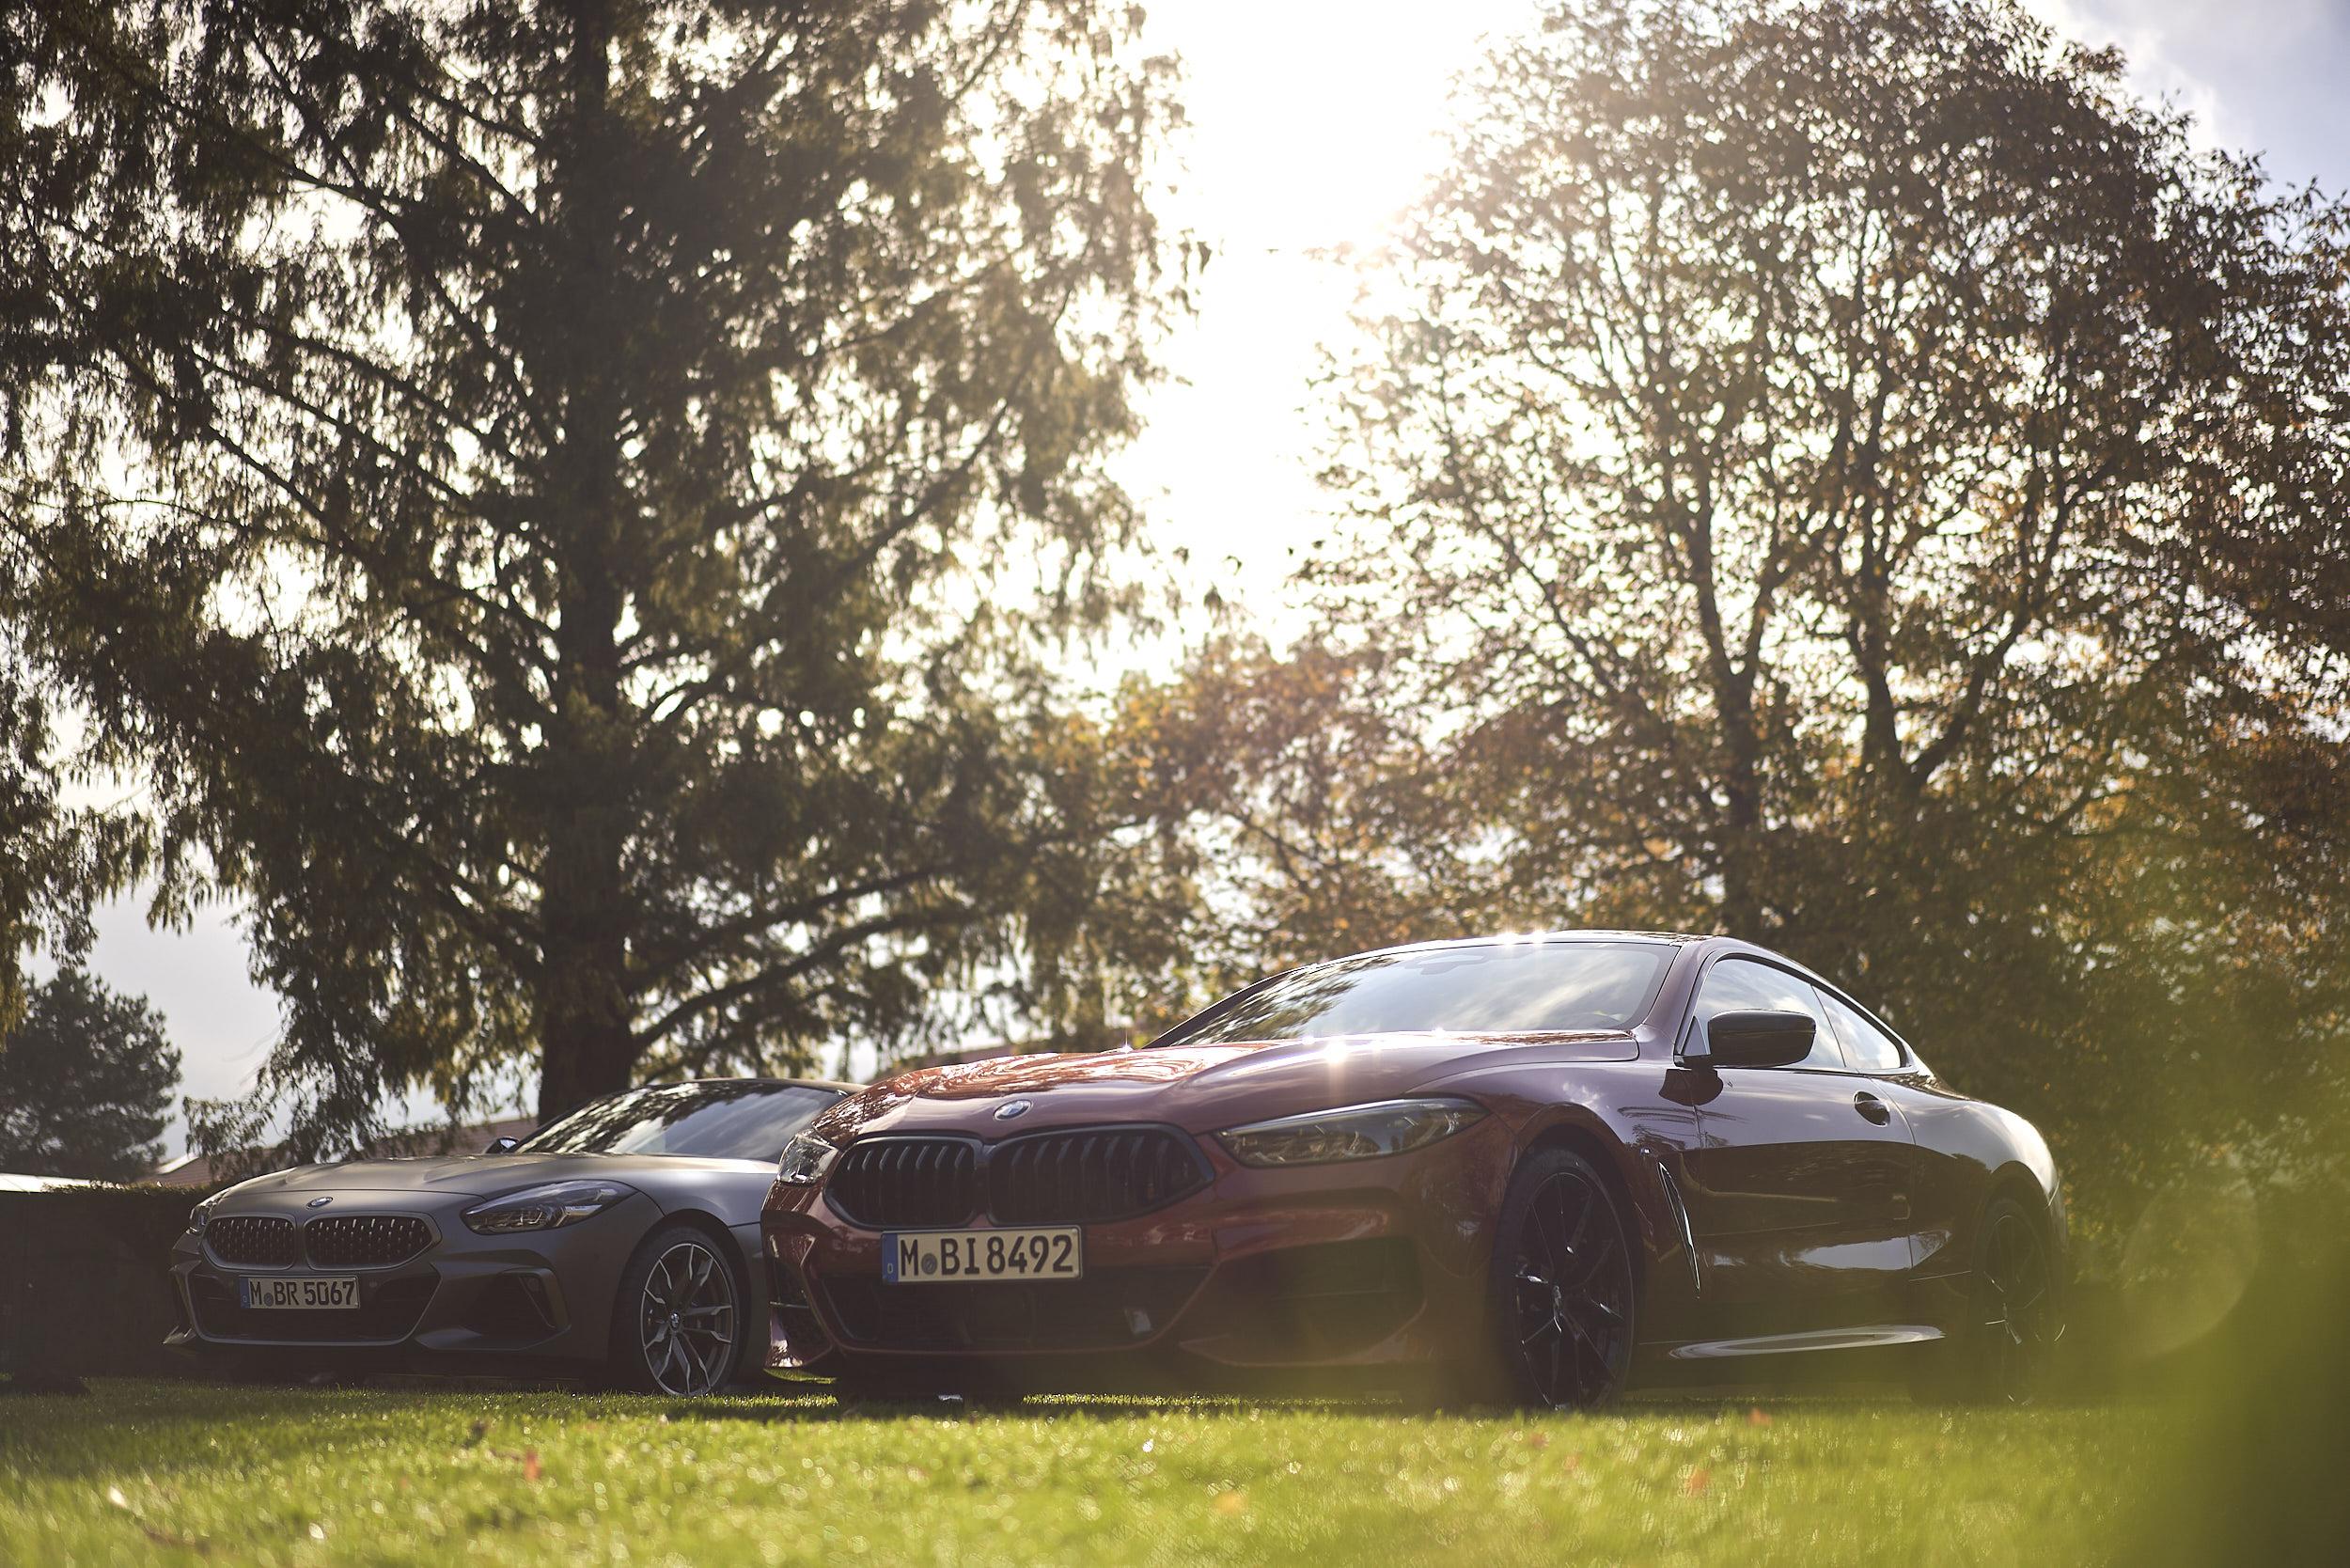 Fabian_Vogl_2018-10-08_BMW_Bank_1496.jpg